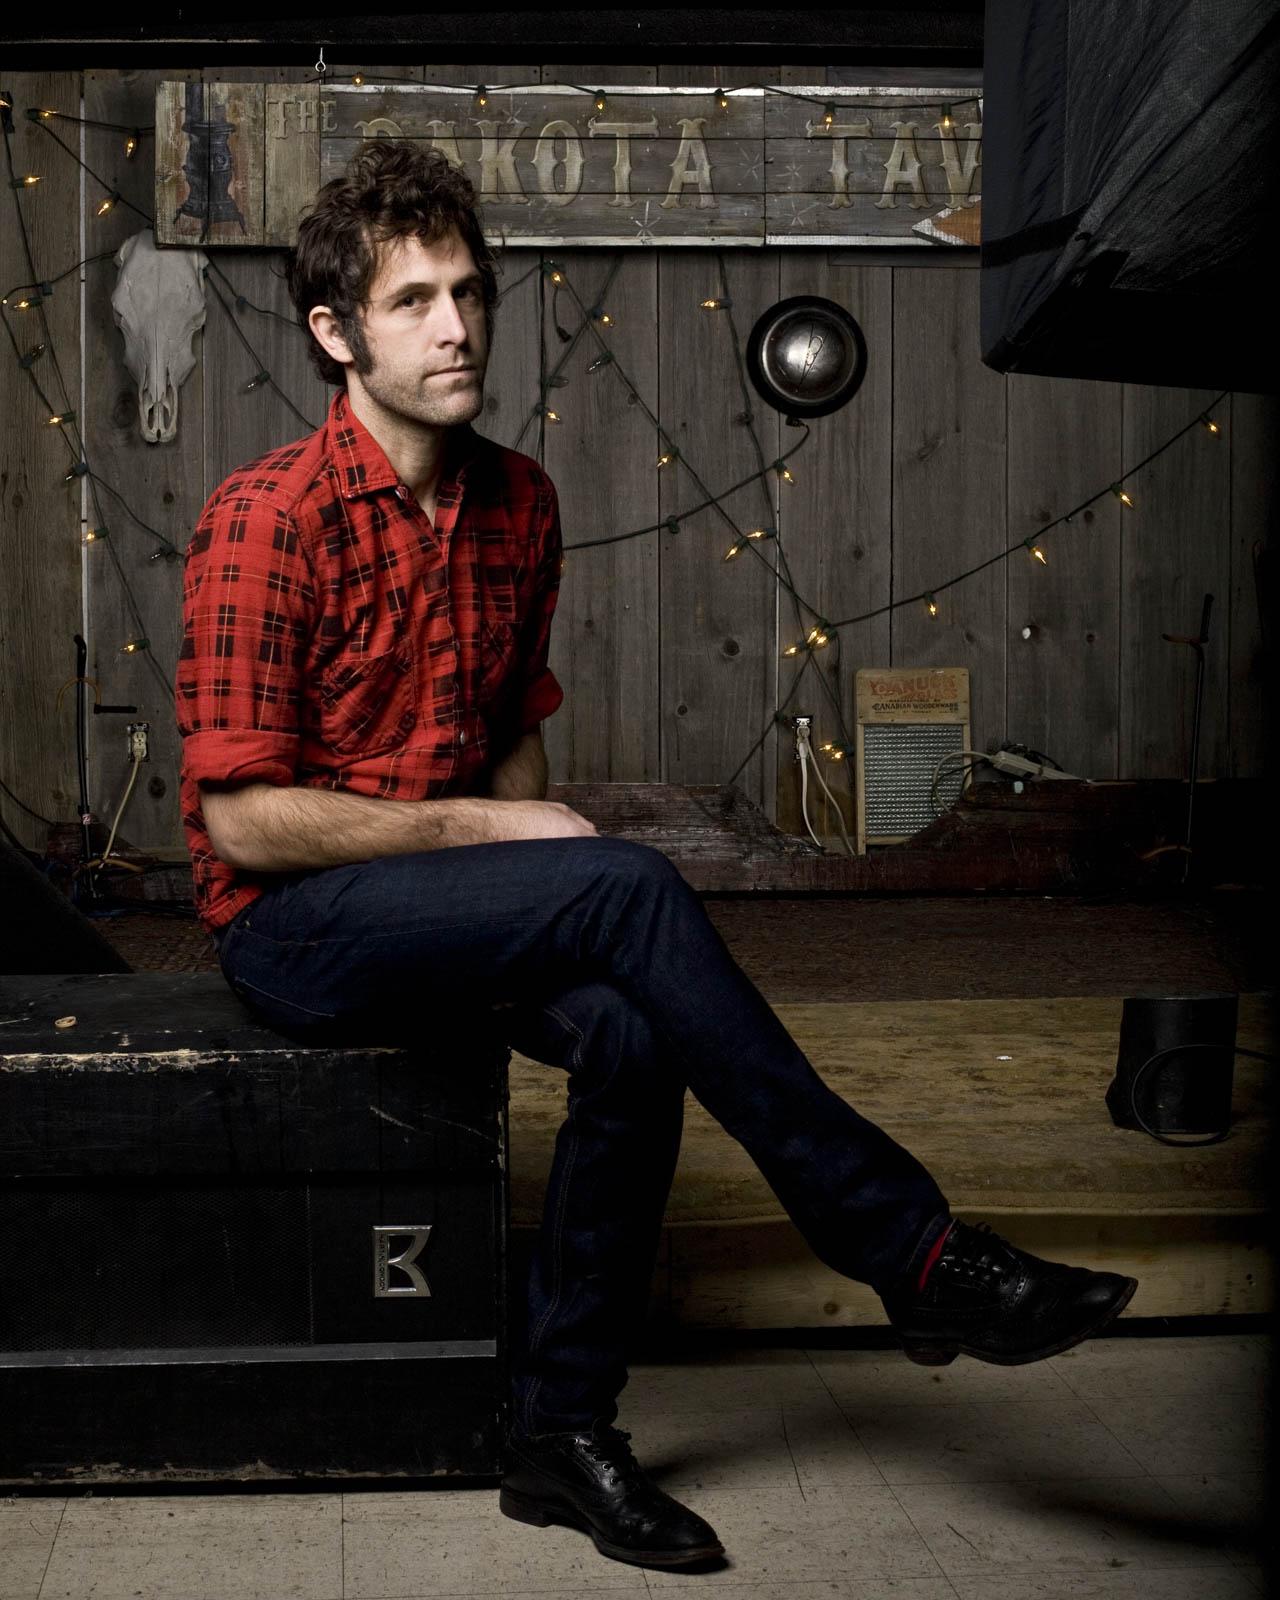 Jason Collett singer/songwriter